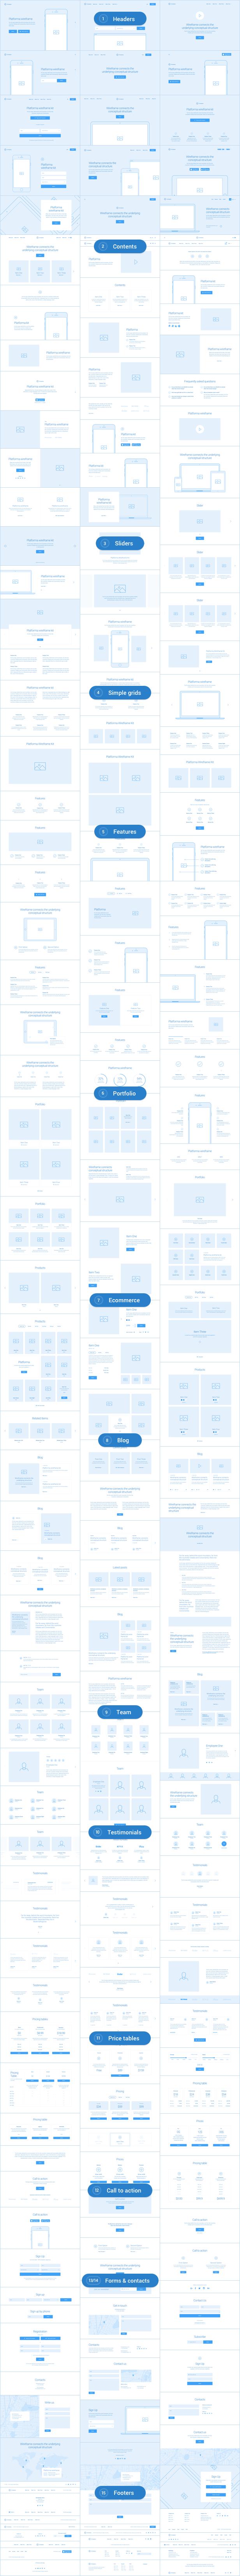 16 &quot;width =&quot; 816 &quot;height =&quot; 8747 &quot;/&gt;</span></div> <p>Platforma est une collection de plus de 200 mises en page filaires réparties en 15 catégories de contenu populaires et soigneusement assemblées pour l&#39;application Sketch. C'est un instrument idéal pour créer un prototype interactif à l'aide de nombreux outils en ligne populaires tels que Invision, Marvel, UXPin, etc.</p> <ul> <li><strong>Prix: </strong>68 $</li> </ul> <h2>Kit d&#39;interface utilisateur OneBrand pour Sketch</h2> <div class=